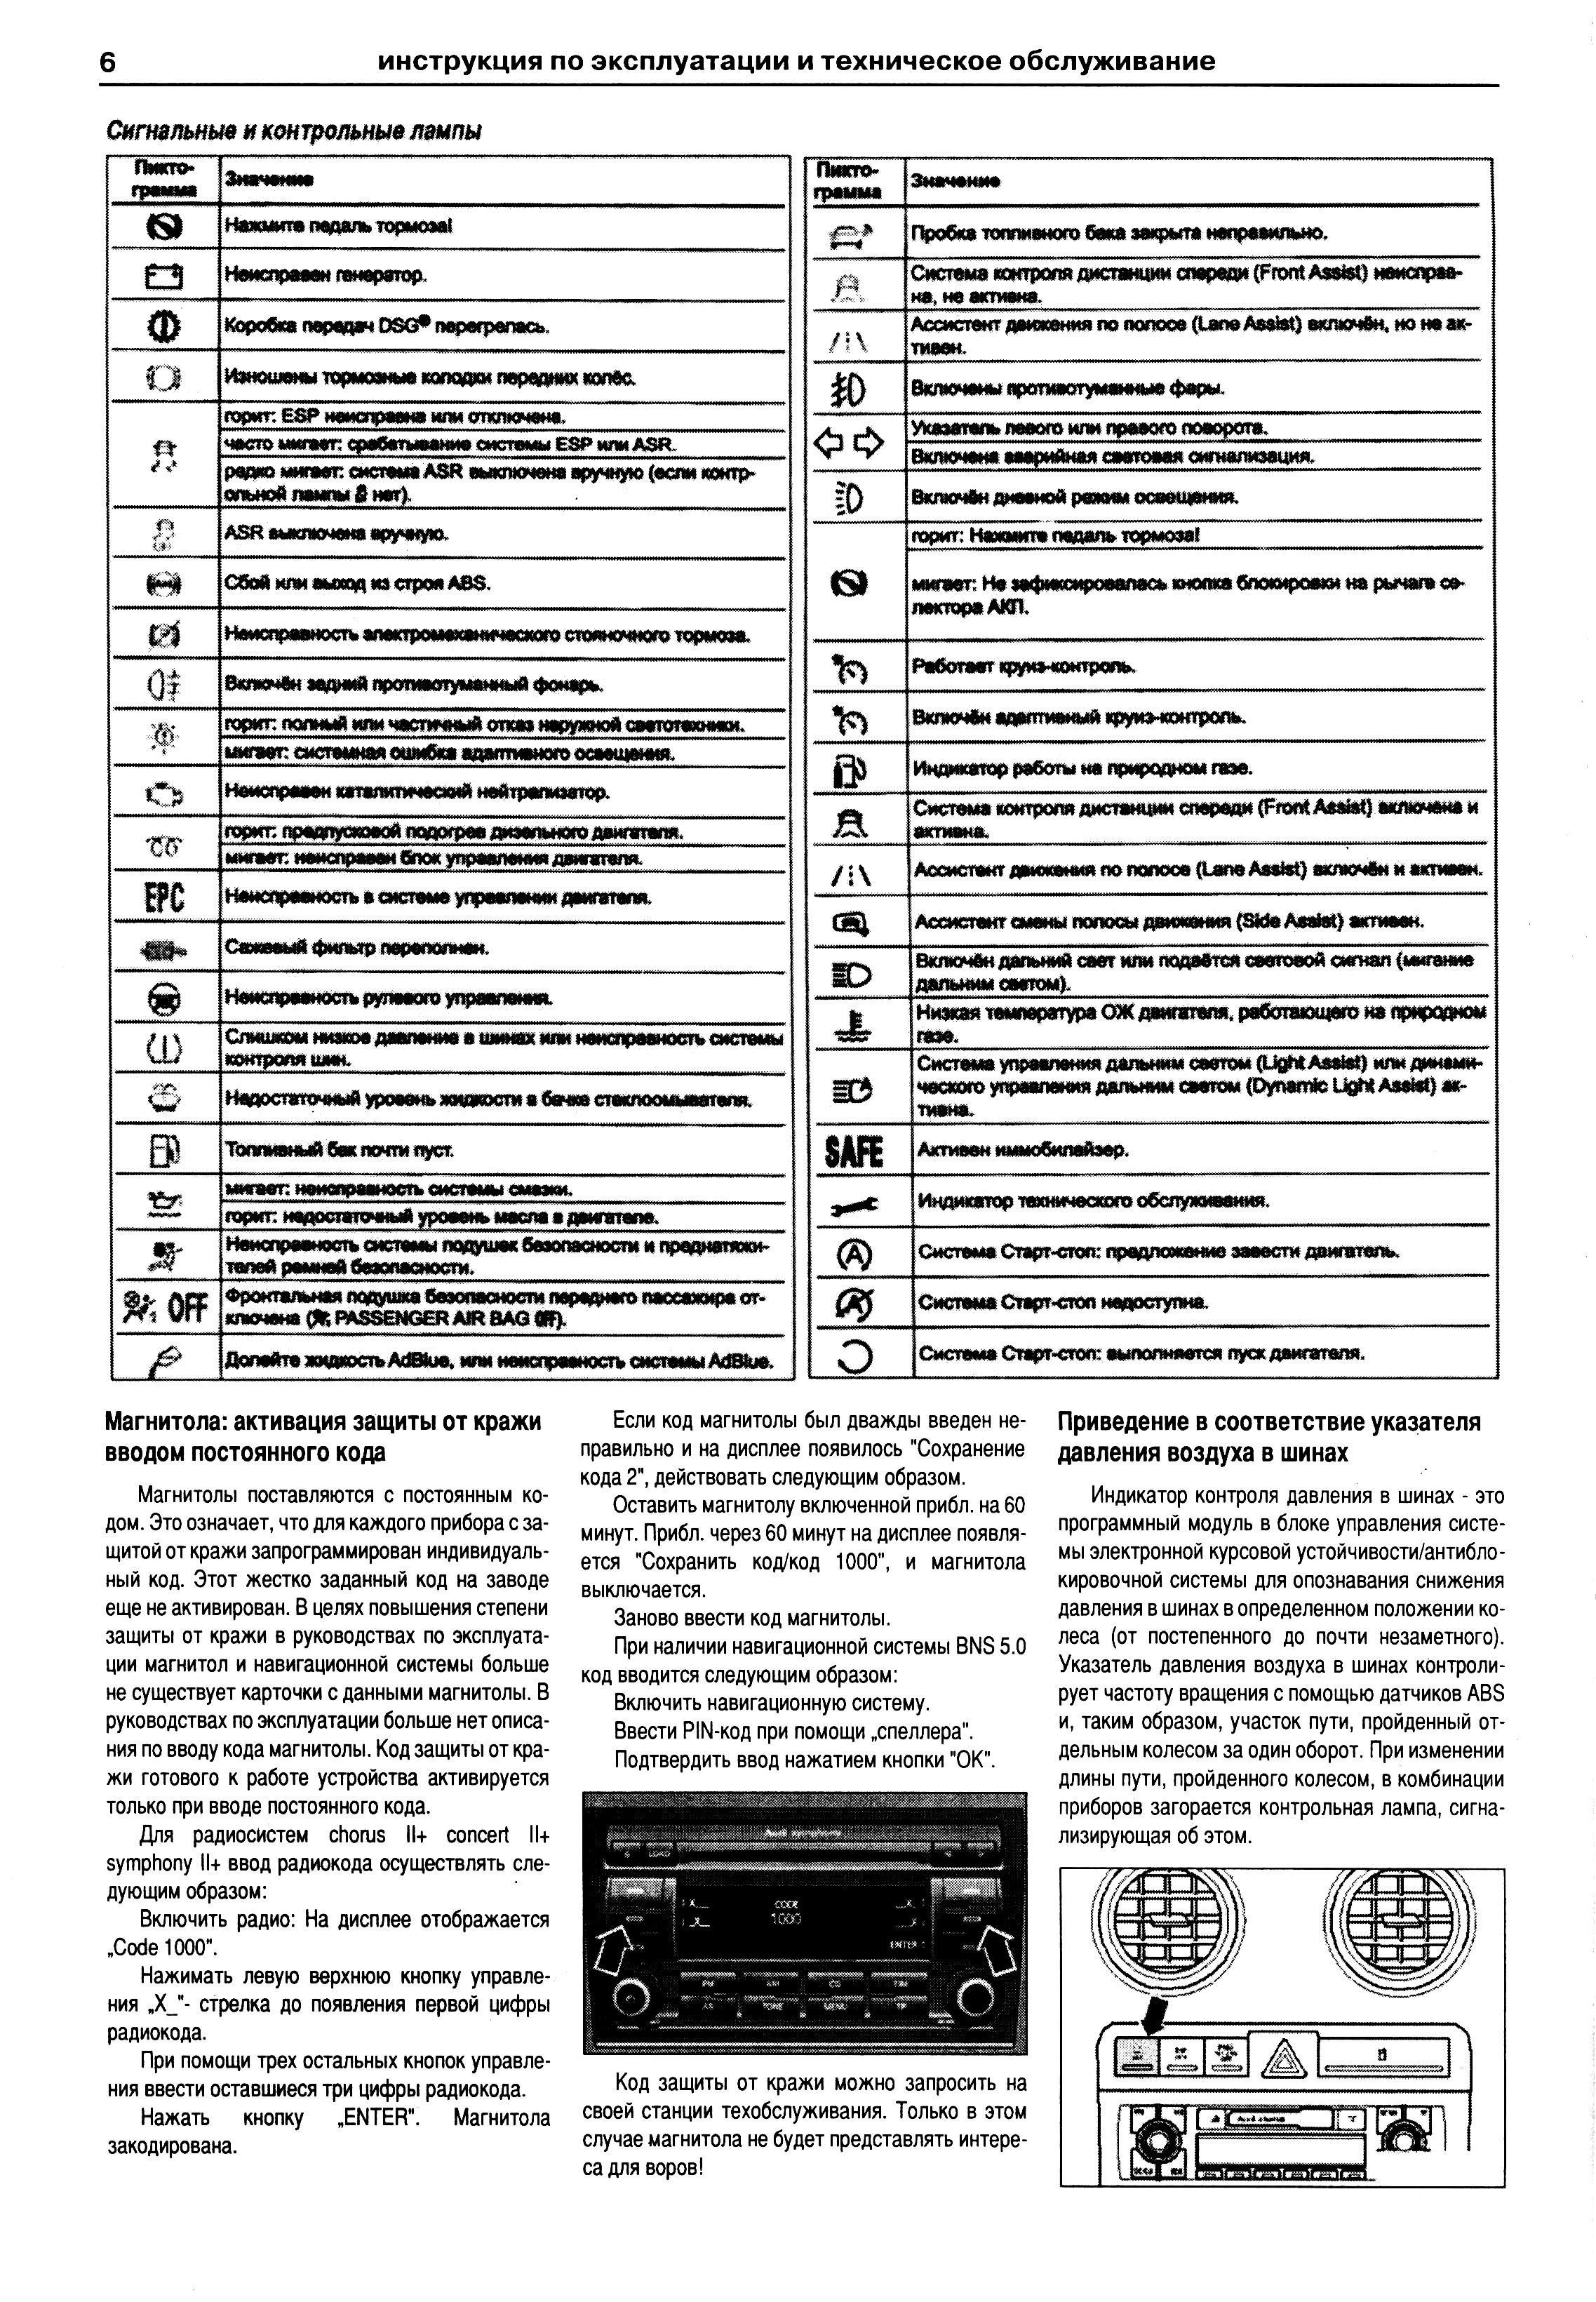 инструкция по эксплуатации ауди а 5 купе 2012 г